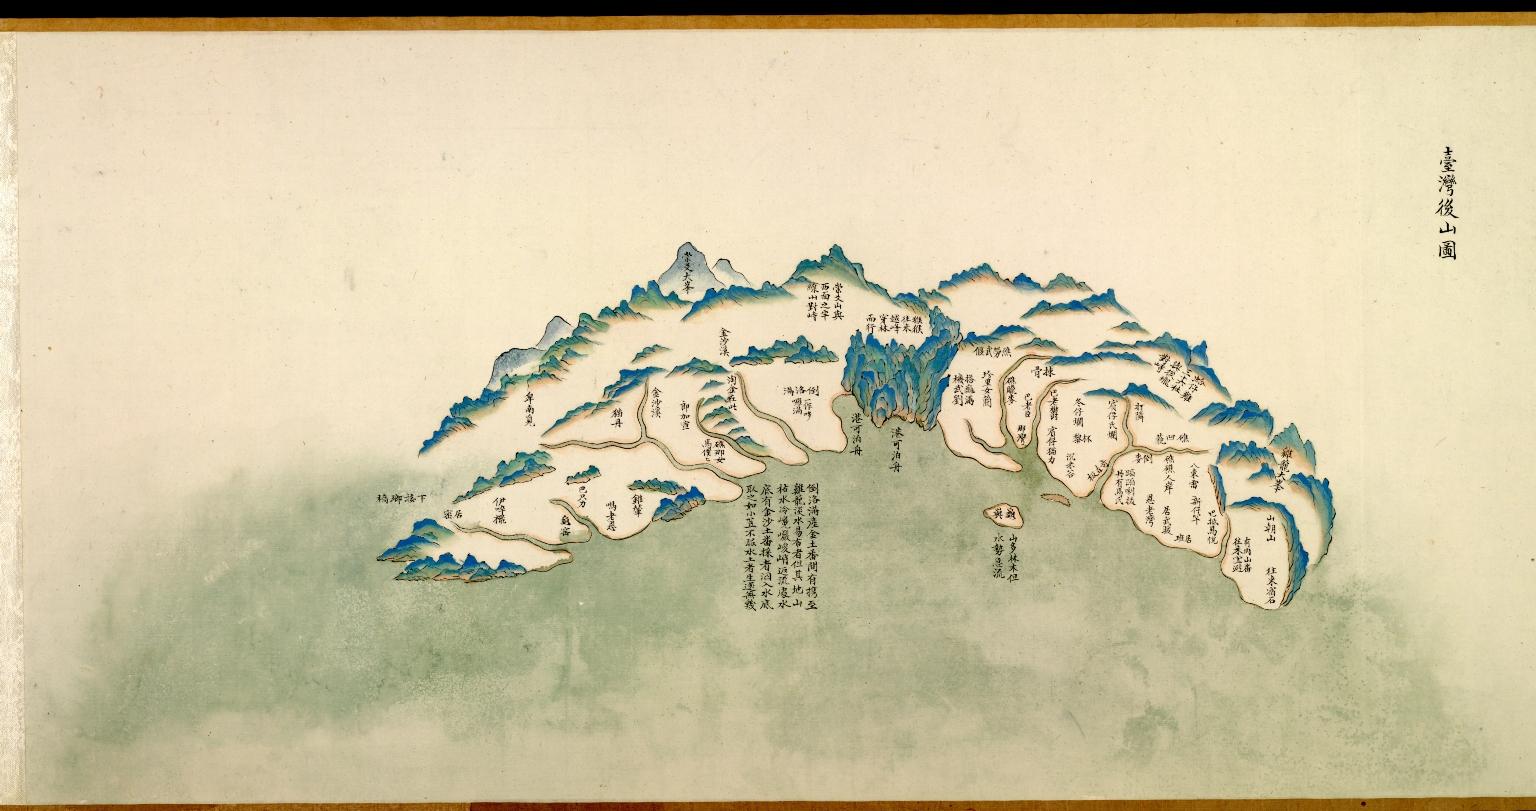 中華沿海形勢全圖. Part 10